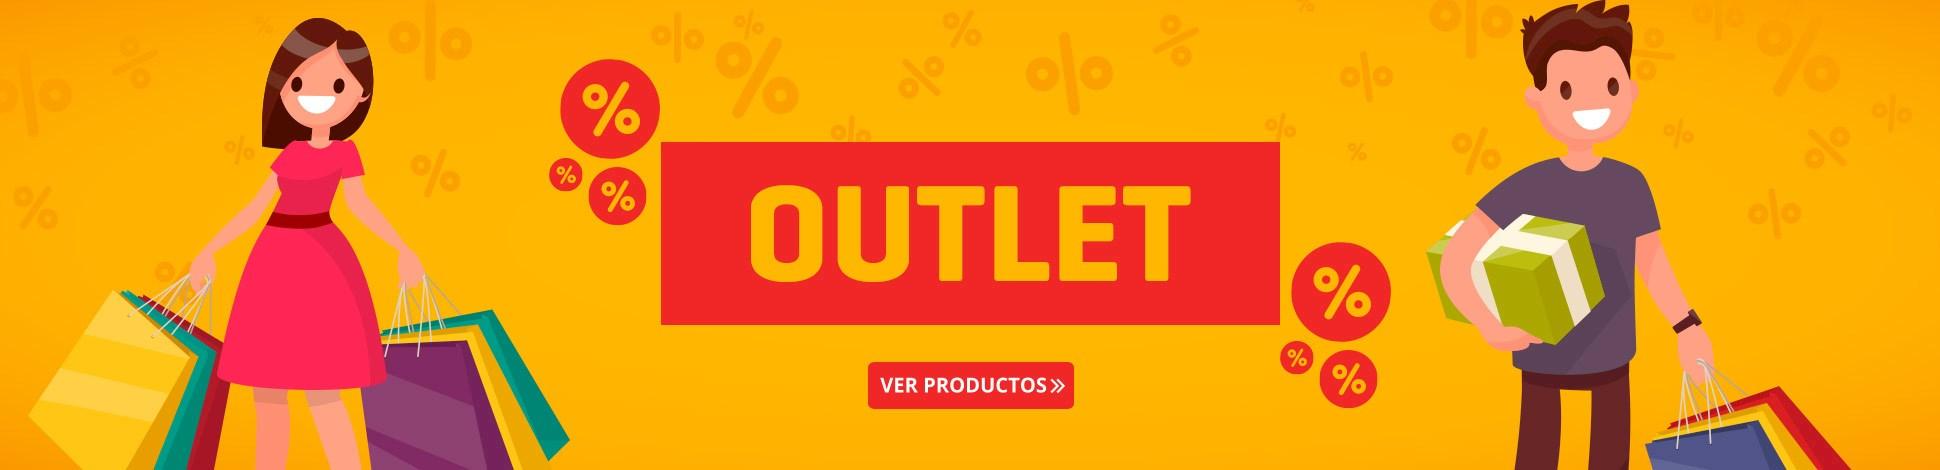 HS-Outlet.jpg | Juntoz.com